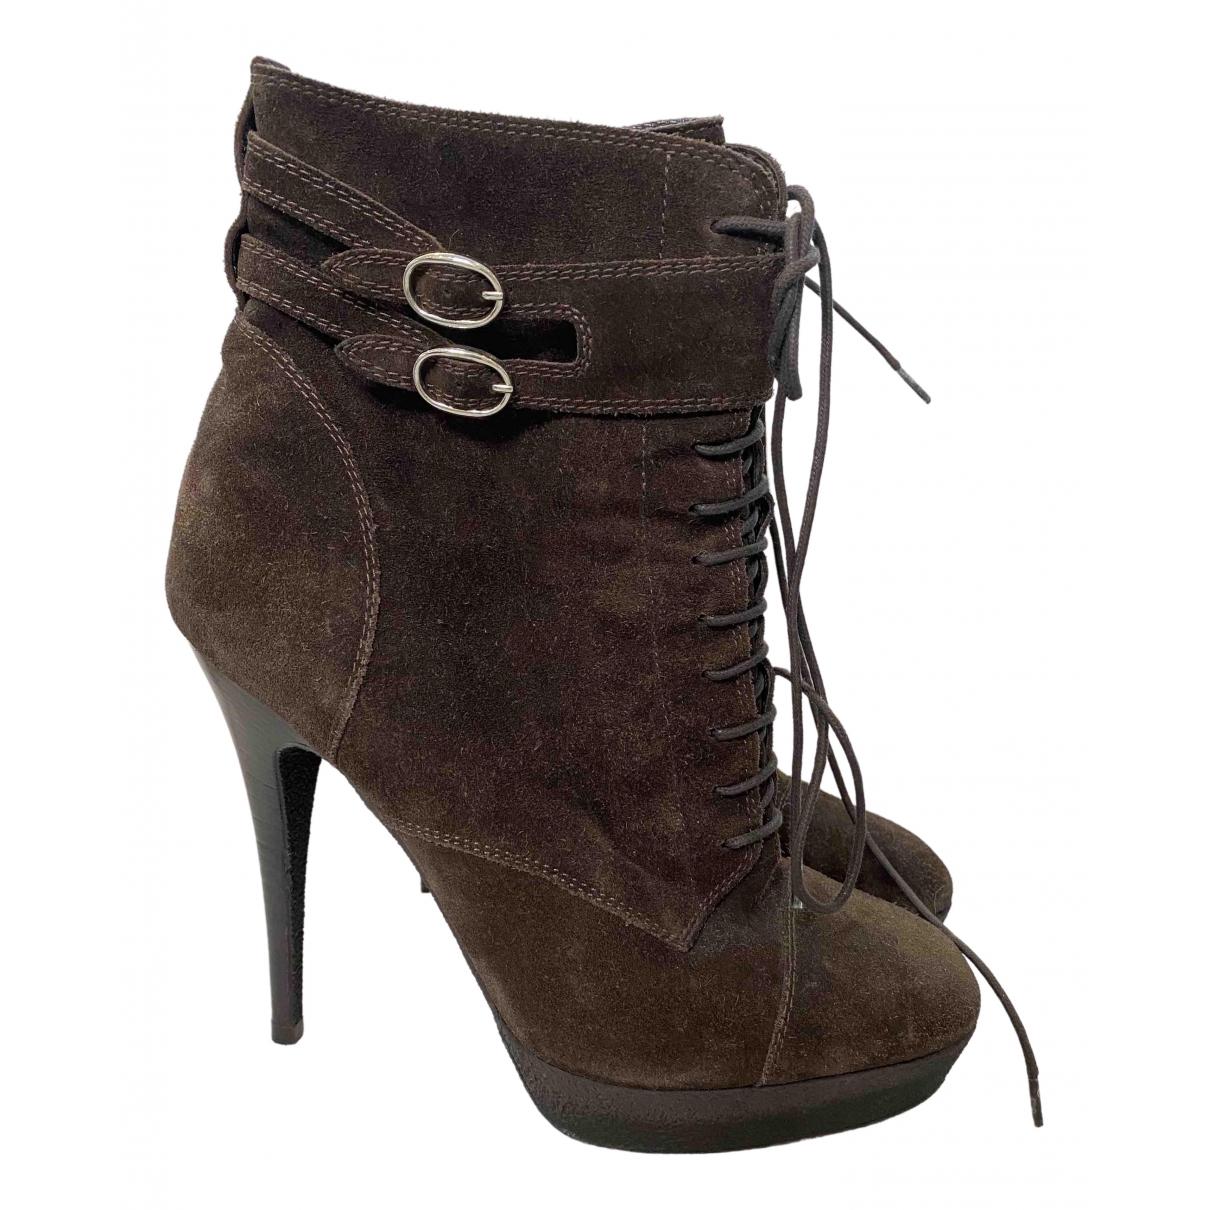 Yves Saint Laurent - Boots   pour femme en suede - marron